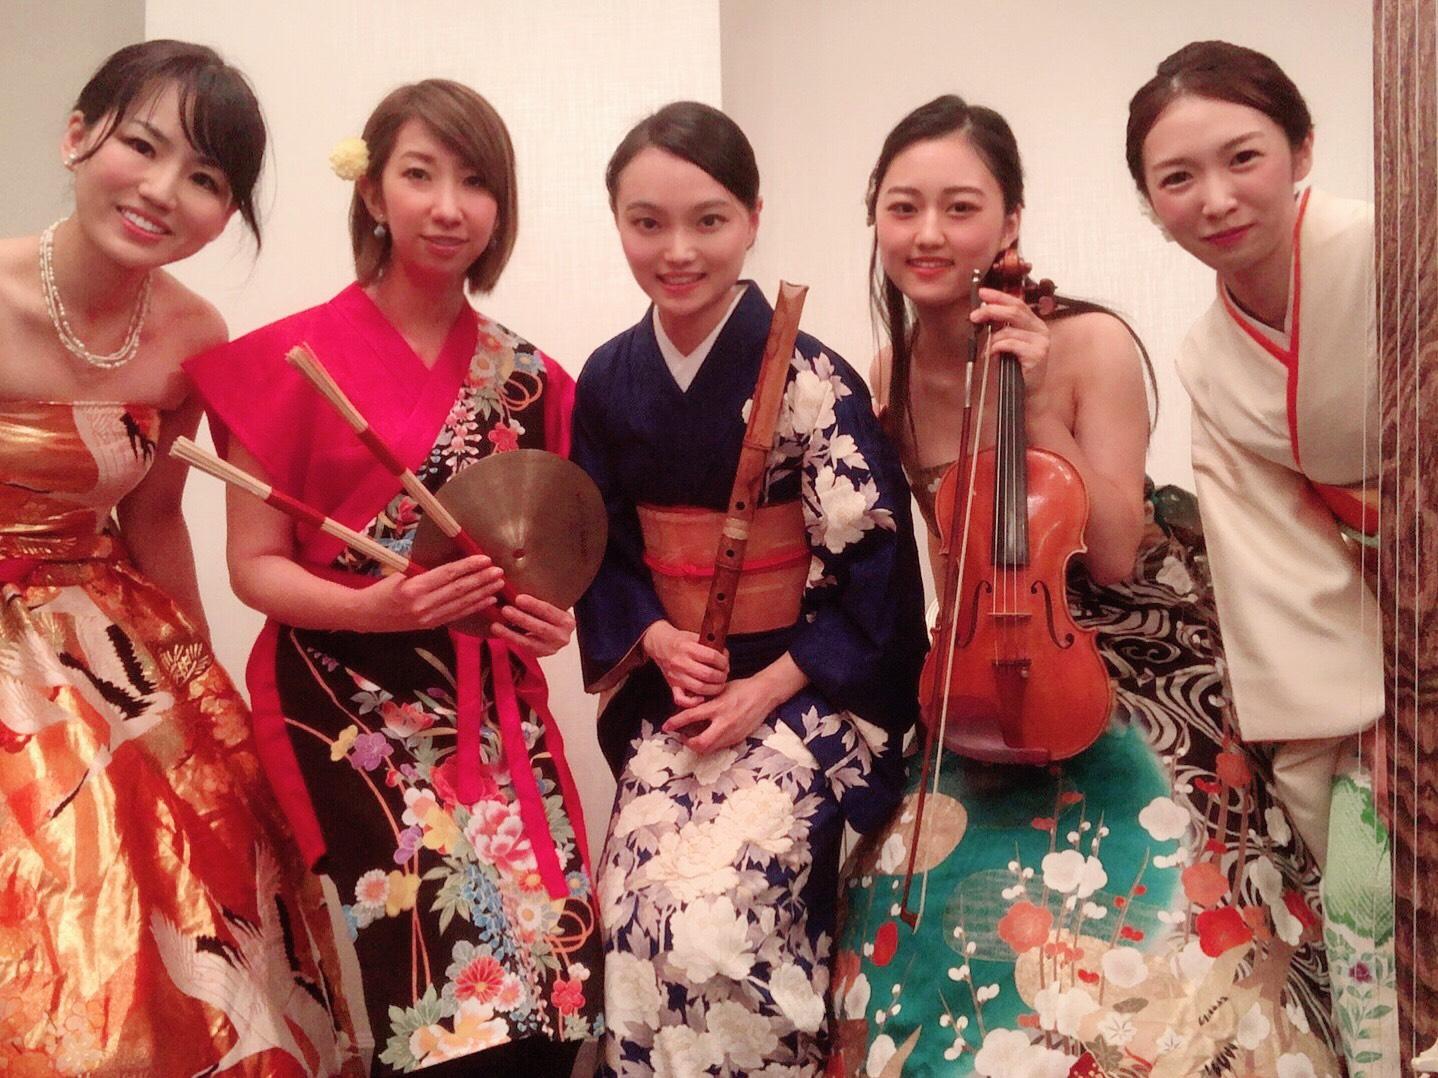 熊本県にてなでしこオーケストラで演奏でした